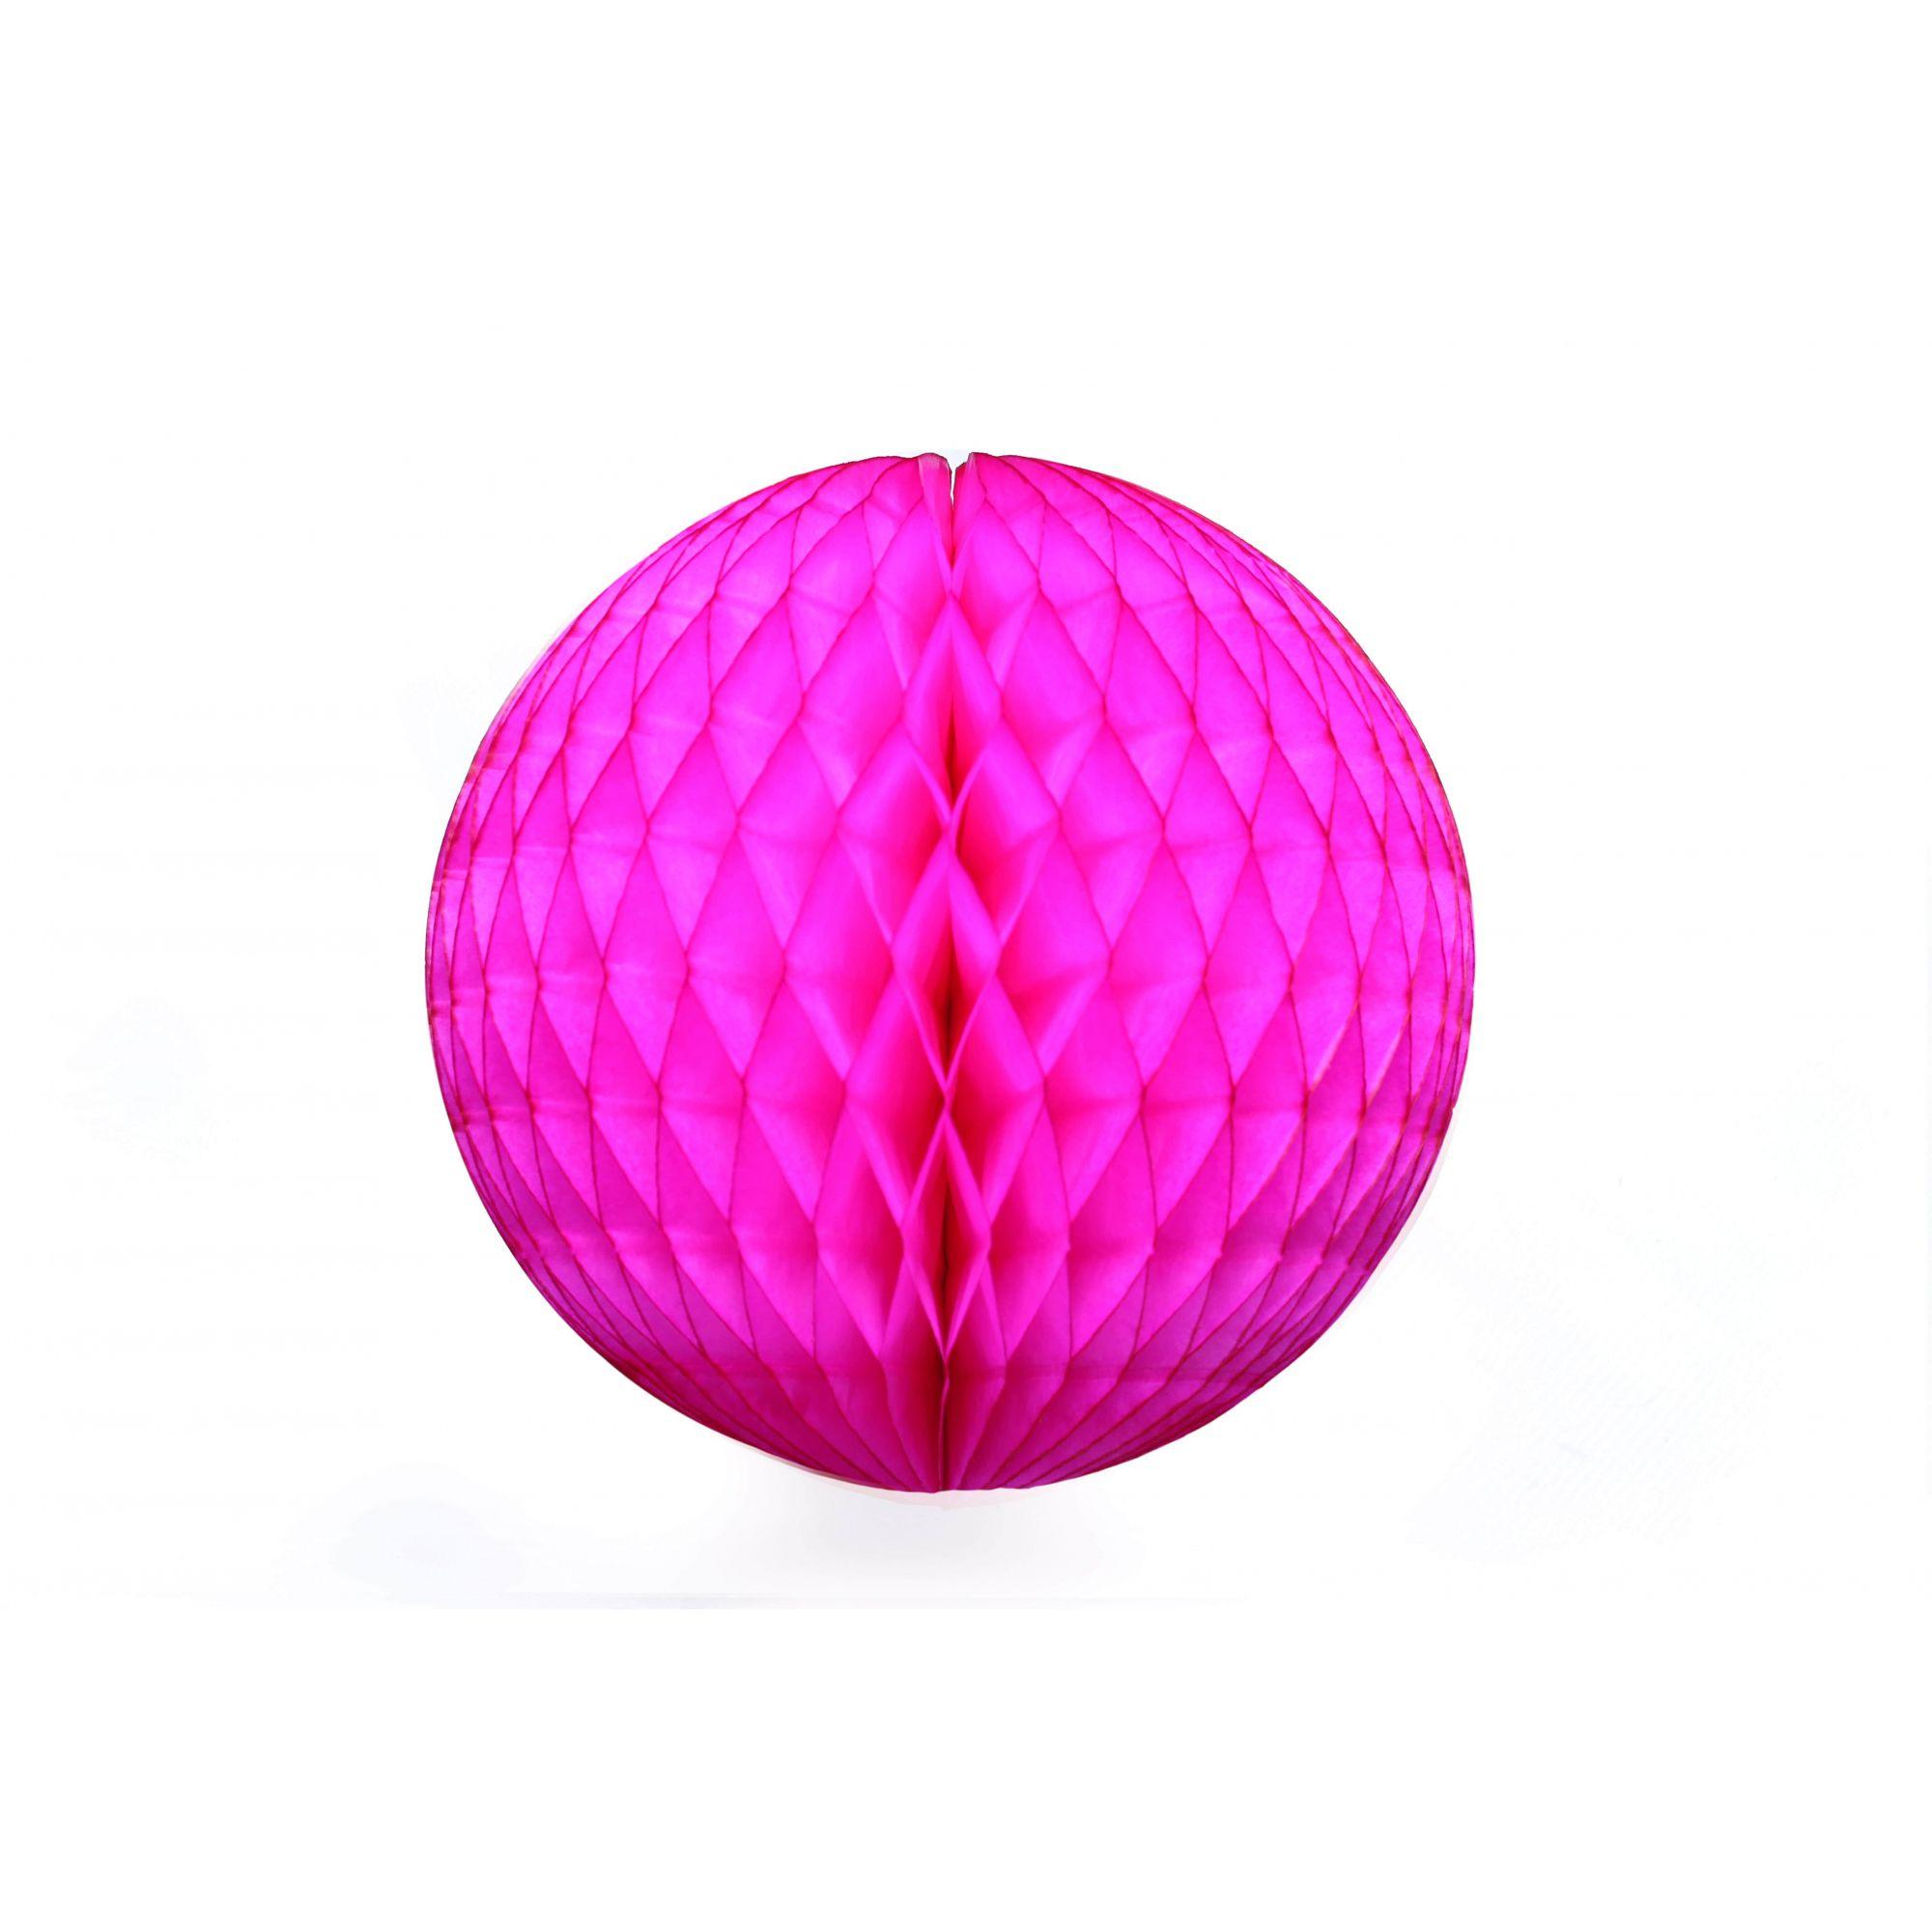 Balão GLOBO Bola de Papel de seda Cor PINK GiroToy Enfeites